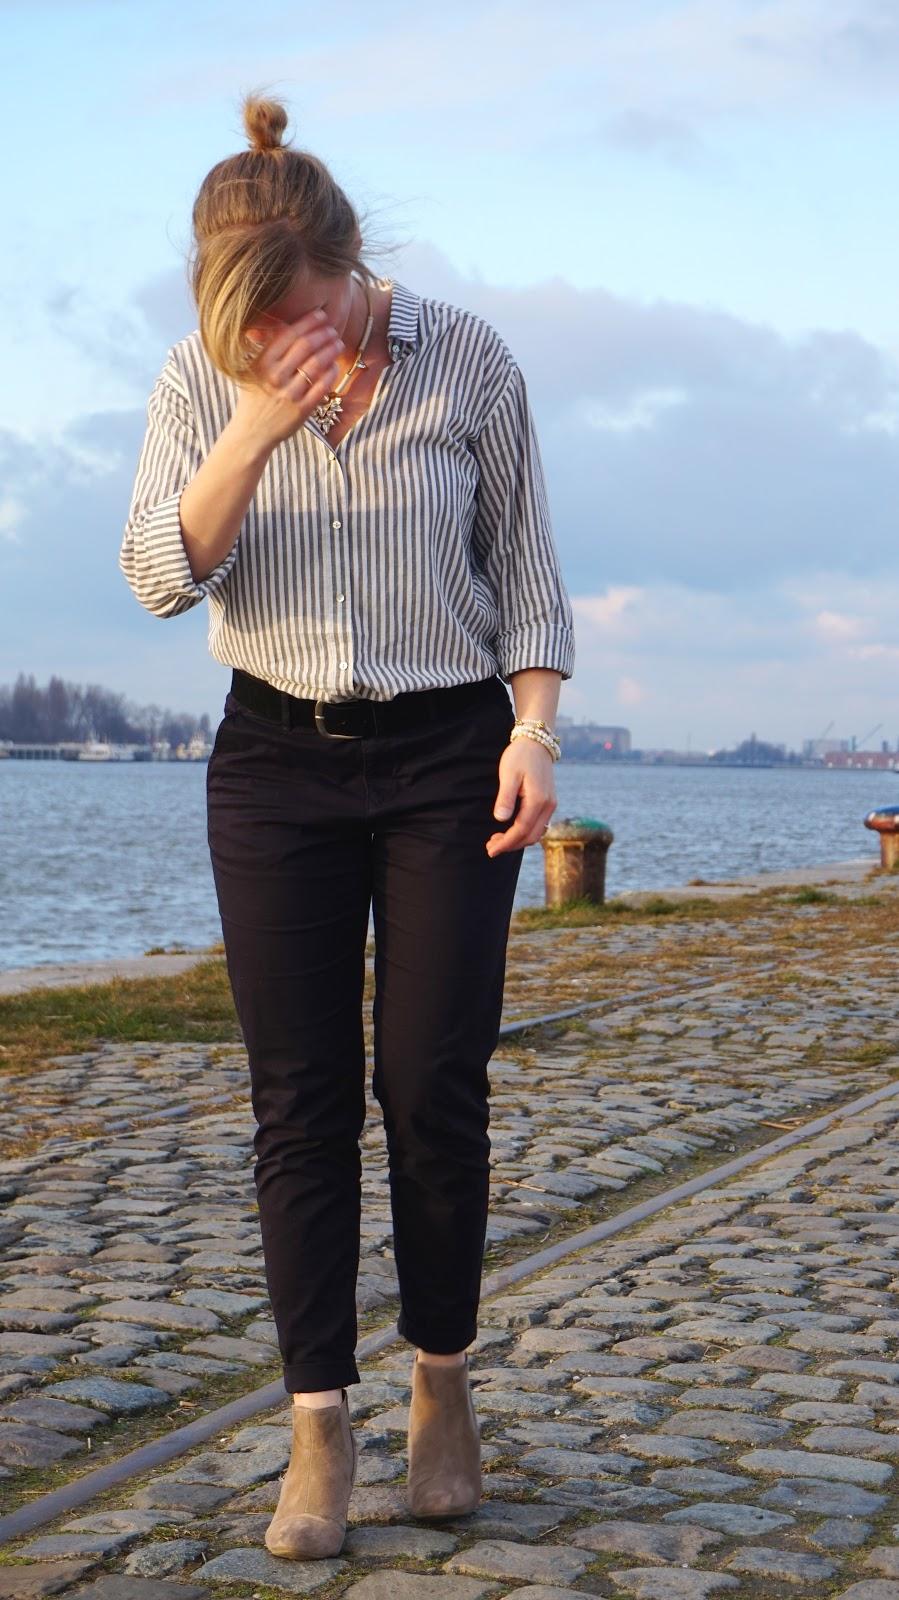 DSC05316 | Eline Van Dingenen